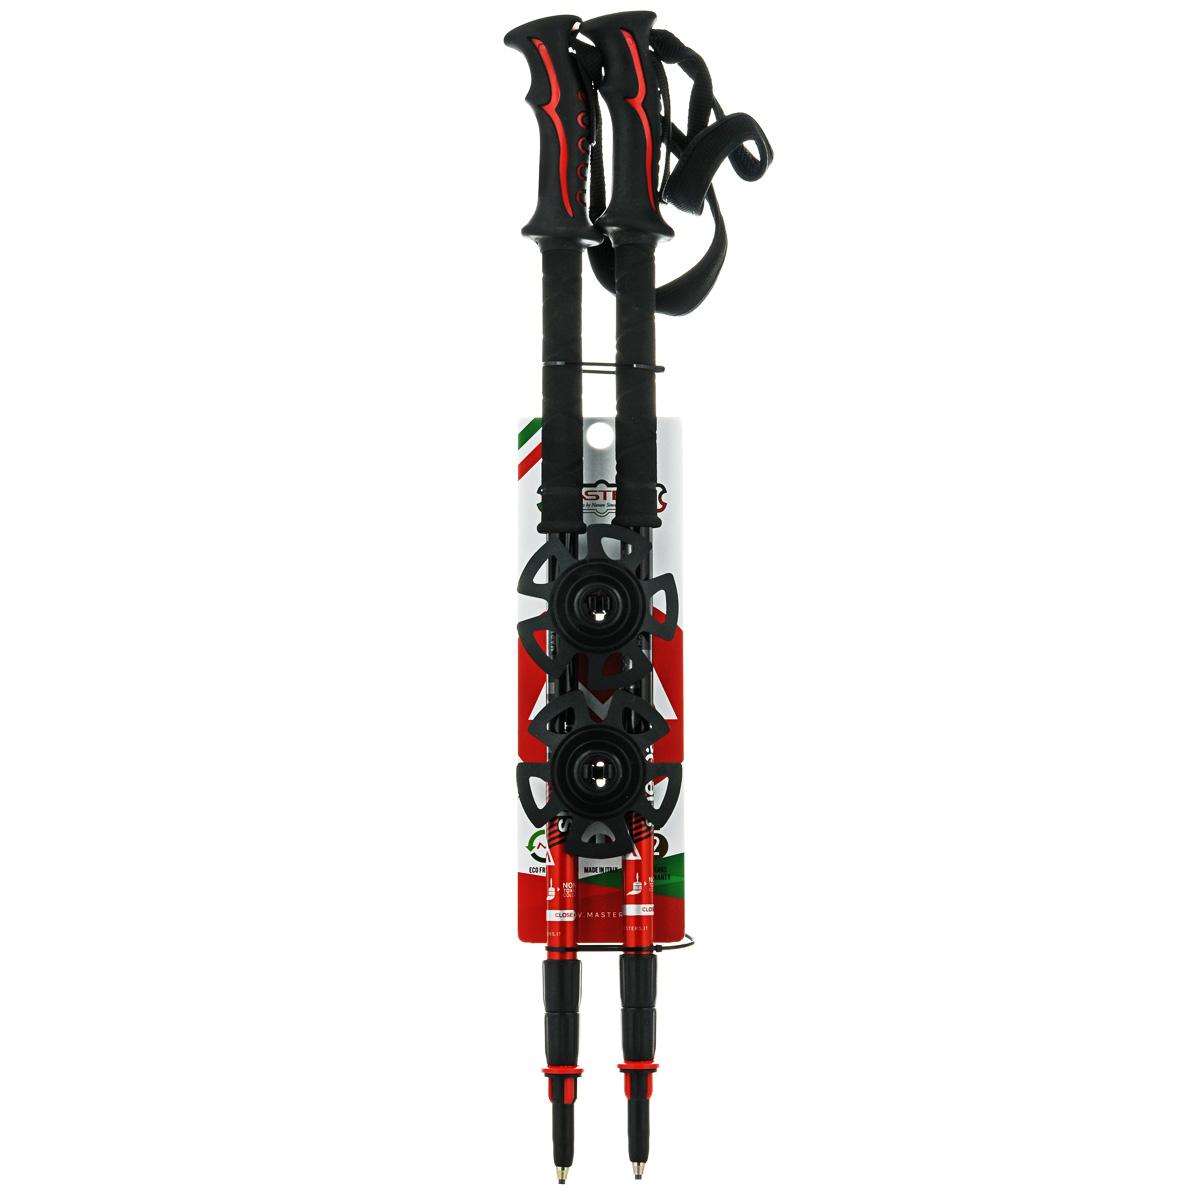 Палки для трекинга Masters Sherpa XT, телескопические, 65-140 см01S0514Masters Sherpa XT - телескопические трекинговые палки, отличающиеся особой прочностью и запатентованной системой секционной блокировки SBS - Super Blocking System, разработанной по цанговому принципу с расширенной площадью блокировки колена, позволяющей выдерживать большие нагрузки. Разработаны для экстремальных походов и восхождений с дополнительным весом. Имеют эргономичную рукоятку Soft Touch отличающуюся особой мягкой поверхностью с влагоотводящей текстурой, а также дополнительным продолжением для низкого хвата Foam, что позволяет произвести комфортный хват при любом градусе подъема или спуска. Эргономичный регулируемый темляк с запатентованной системой блокировки длины при изменении угла Automatic Stop. При весе всего в 280 г используется легкий, упругий и самый прочный алюминиевый сплав 7075. Палки телескопические состоят из 3 секций для удобства транспортировки на рюкзаке или ином снаряжении. В нижних двух секциях расположена метрическая разметка для быстрой и точной регулировки длины палки под рост. Наконечник карбидовый, для высокого сцепления, вплоть до гладких каменных пород. Сменные кольца быстро и надежно крепятся с использованием запатентованной технологии RBS Short Support - крепления сменных насадок в один клик. Поверхность секций отличается высокой степенью полировки и многослойной покраской. Используются только нетоксичные краски. Диапазон регулируемой высоты под рост составляет 65-140 см. Все пластиковые детали выполнены ведущим мировым производителем - компанией DuPont. Детали отличаются особыми износостойкими характеристиками и выдерживают эксплуатацию в условиях экстремальных температур от -50°С до +40°С.Технологии: POLISHED SHAFT - идеально отполированные детали.65-140 - шаблон моделирования высоты, универсальный рост.SOFT TOUCH - эргономичная рукоять отличающаяся особой мягкой поверхностью с влагоотводящей текстурой, комбинирована дополнительным продолжением для низкого хв